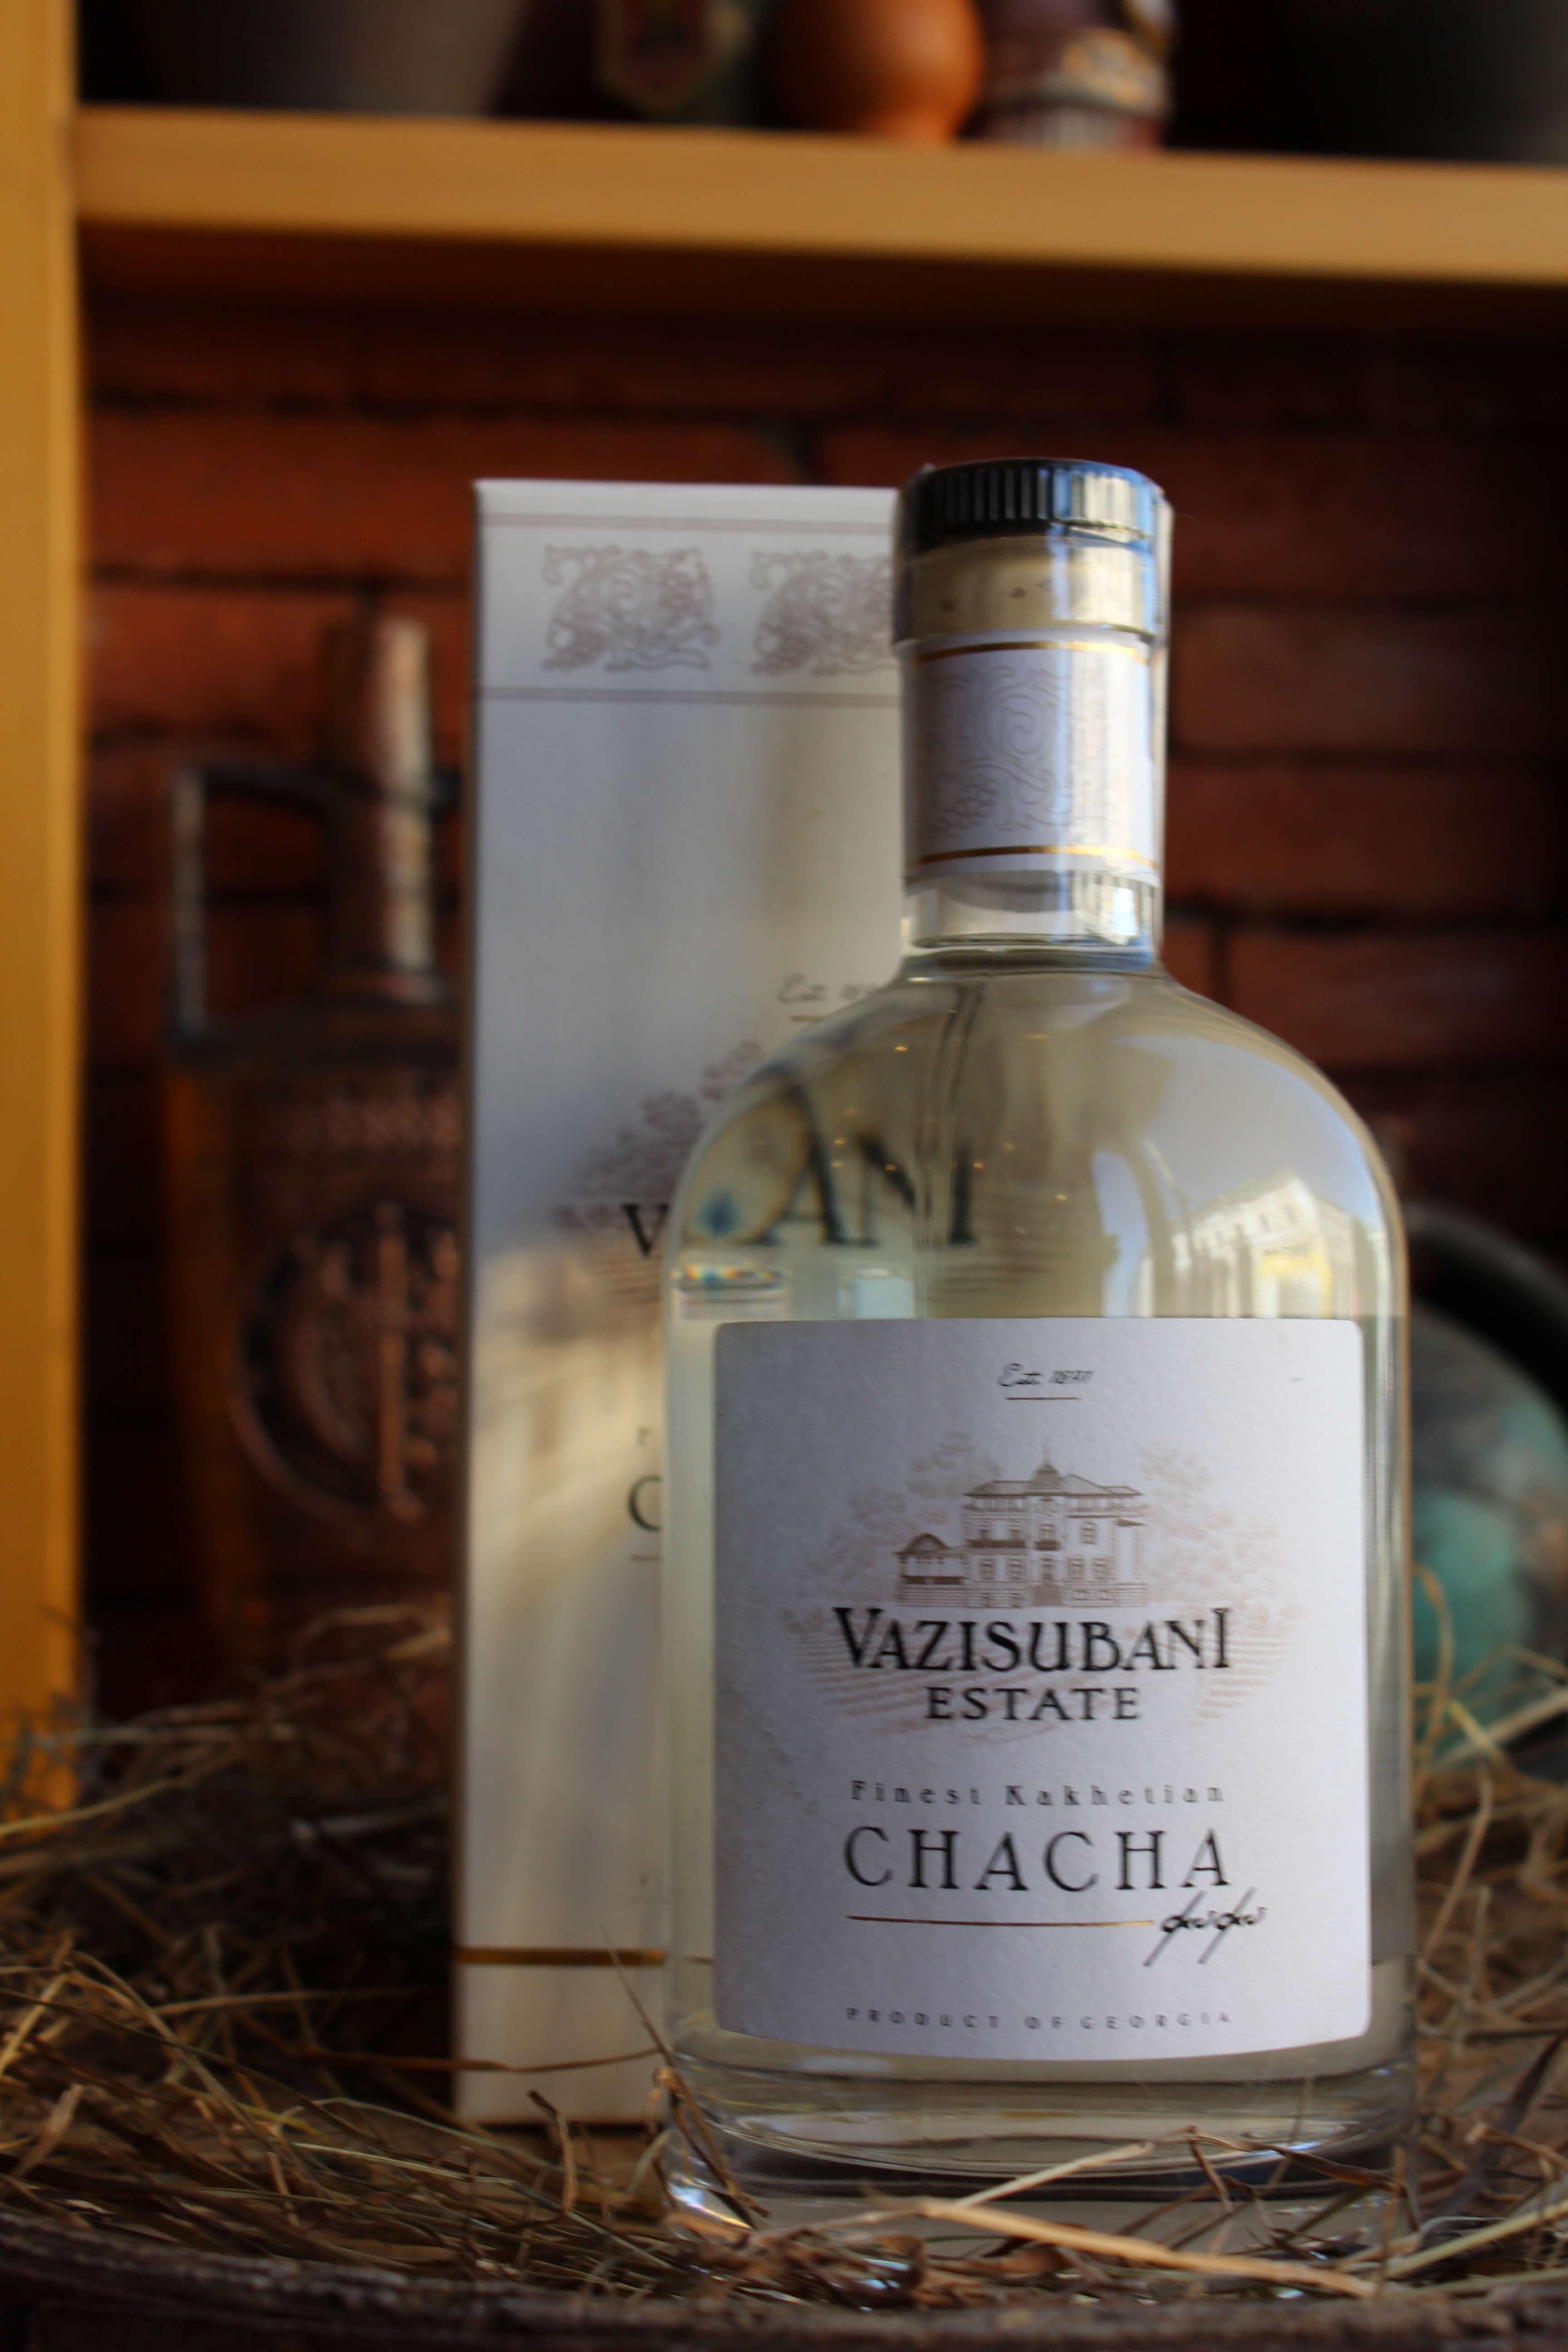 Vazisubani - Chacha